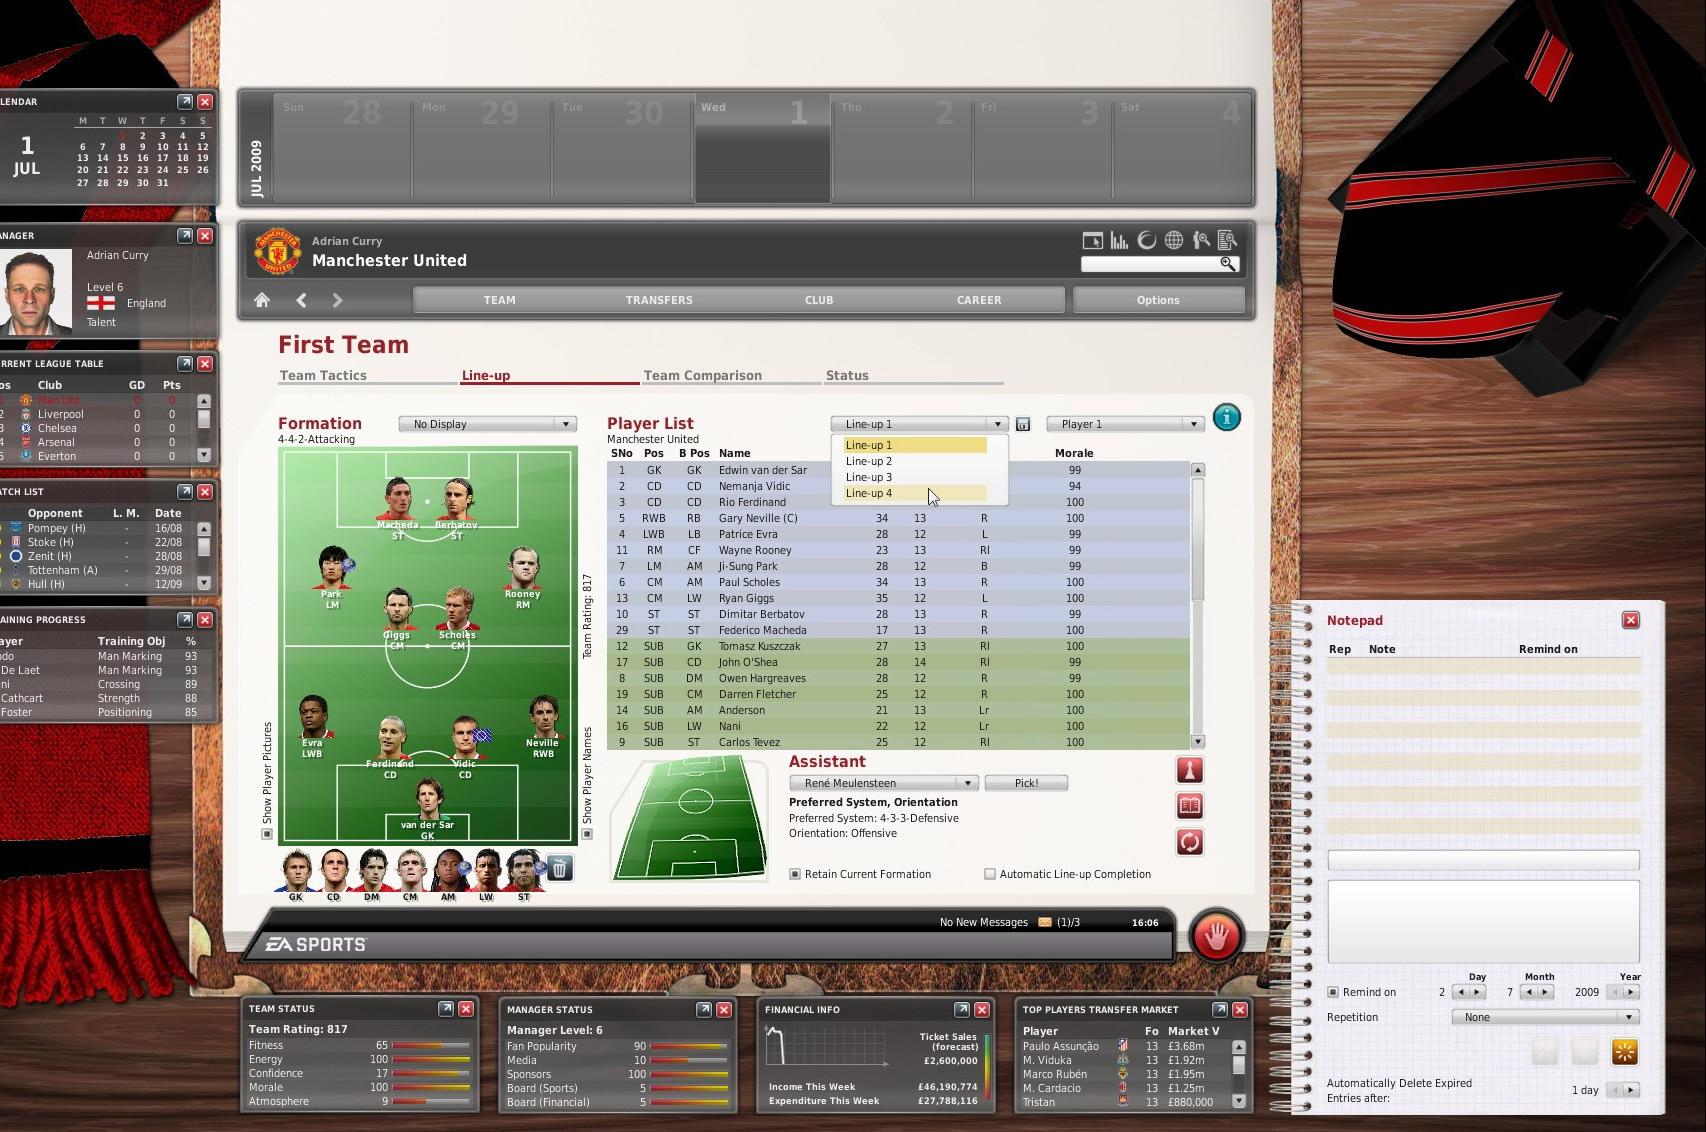 トップチーム - フォーメーション画面